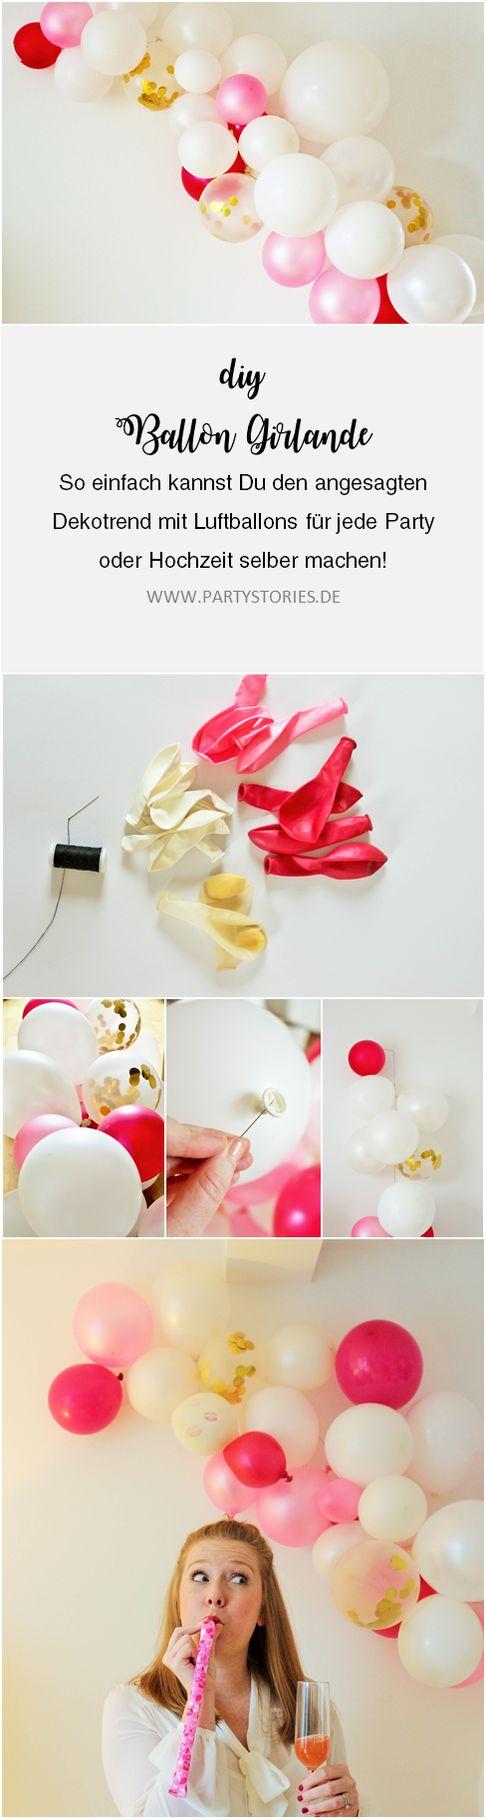 DIY Luftballon Girlande // So einfach kannst Du angesagte Deko mit Luftballons f…